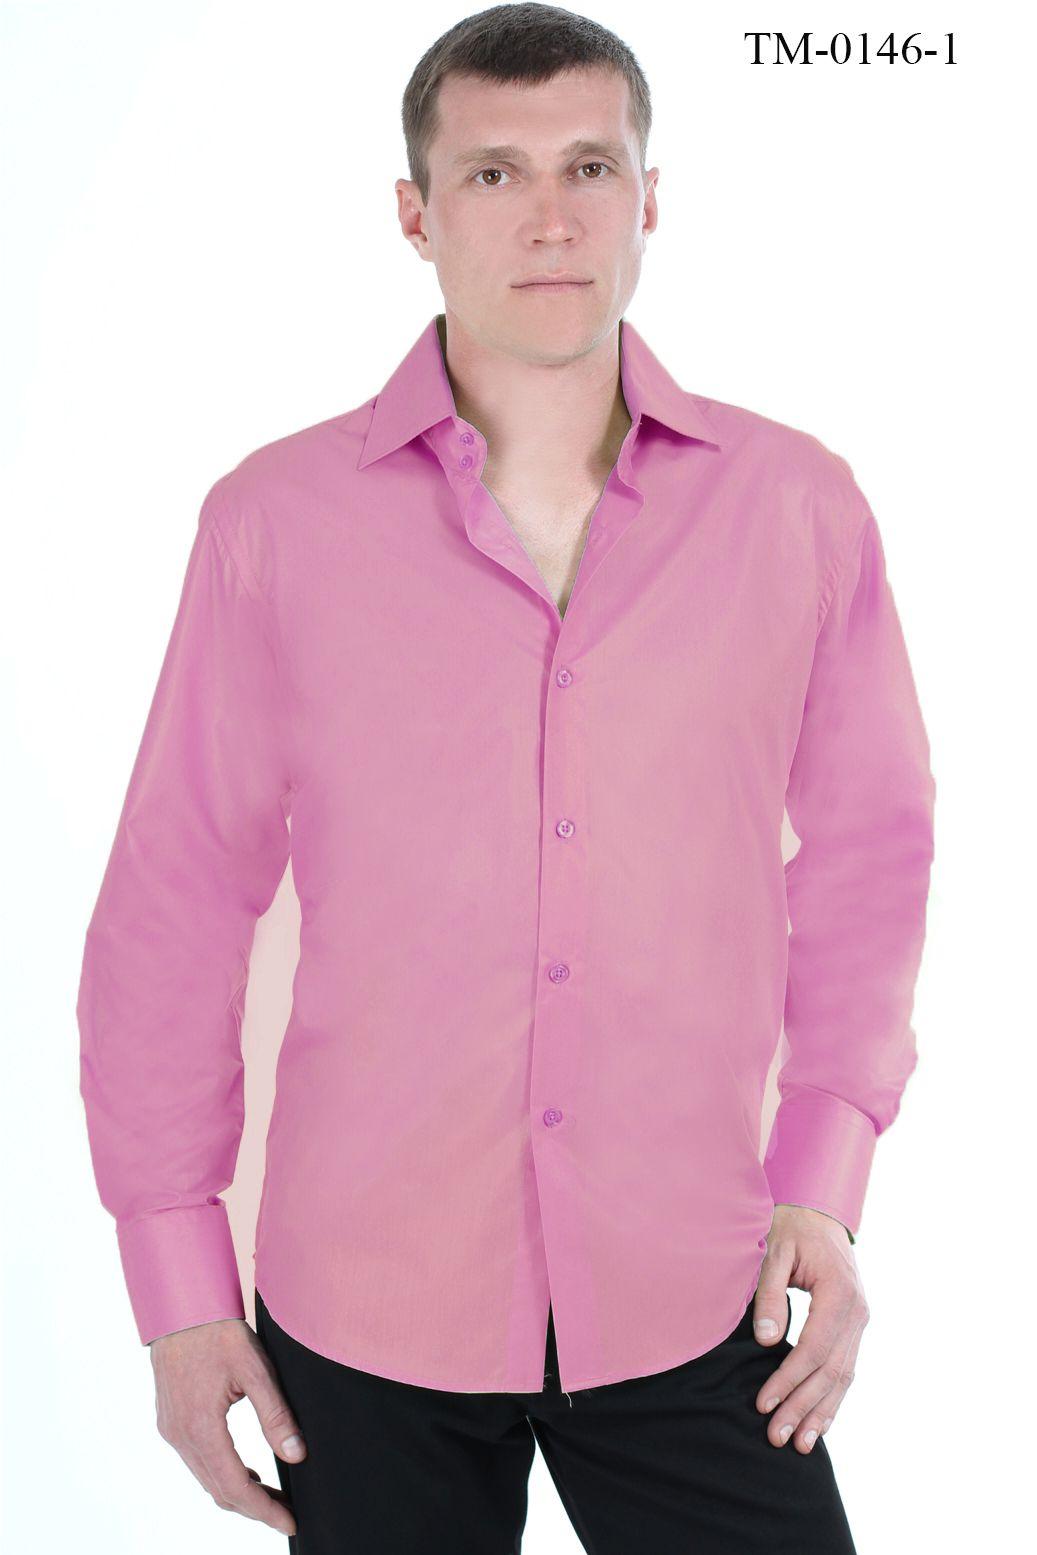 Сорочка tm-0146 купить на сайте производителя